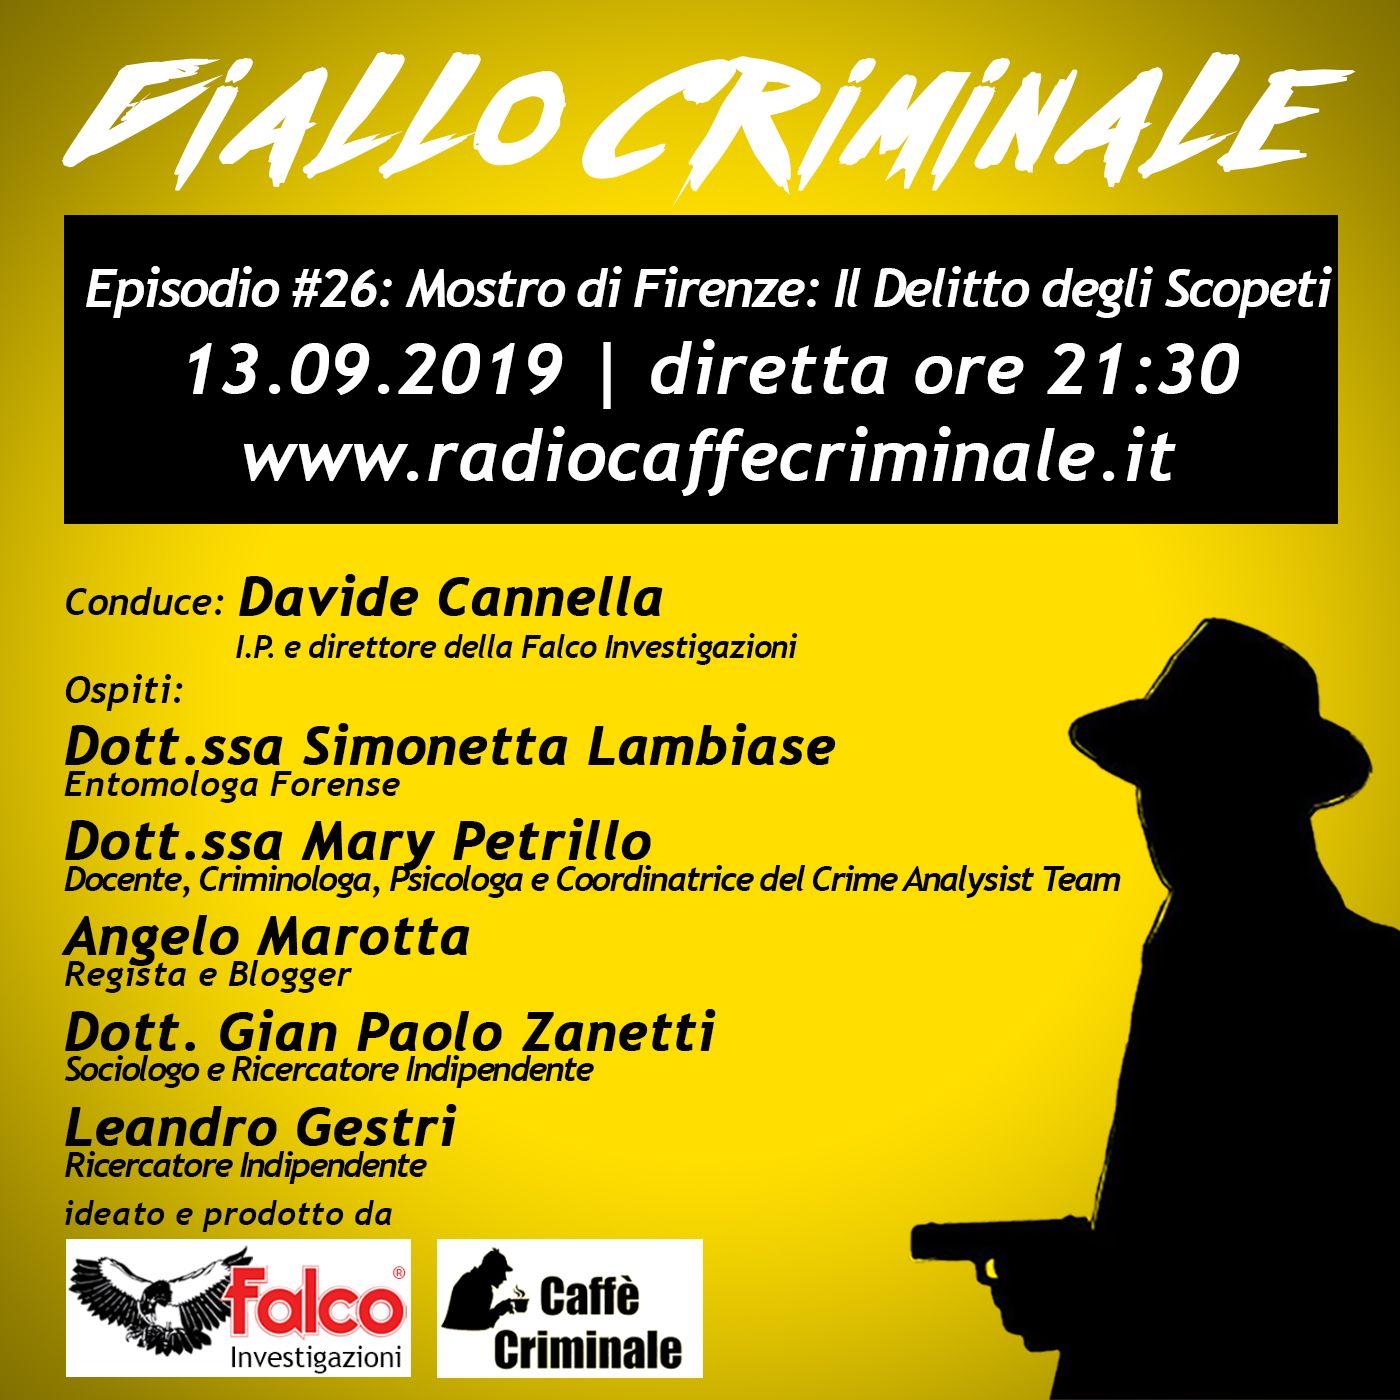 #26 Episodio | Mostro di Firenze, Delitto degli Scopeti_13.09.2019